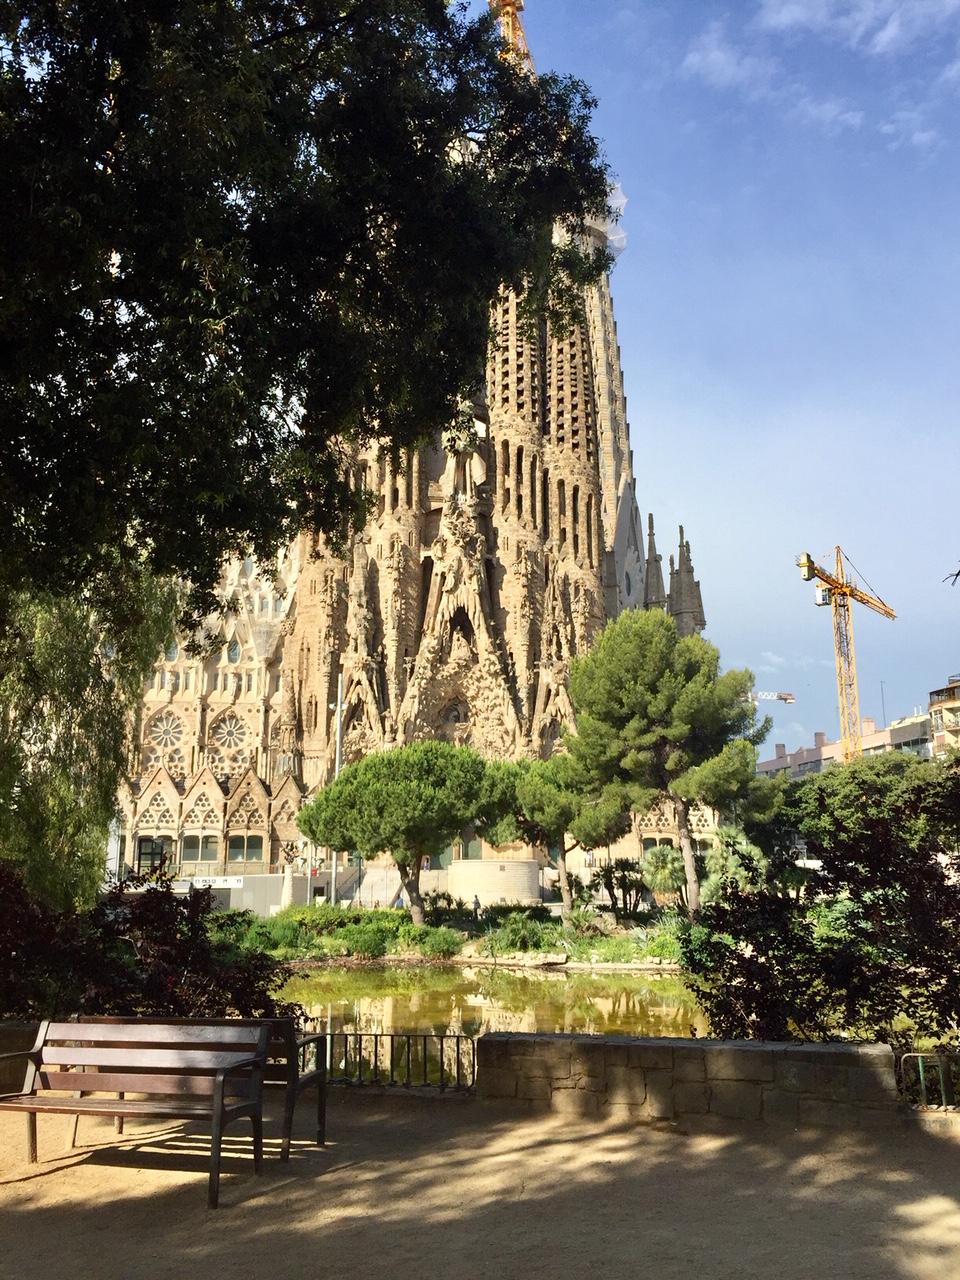 バルセロナのロックダウン解除、やっとフェーズ1に移行